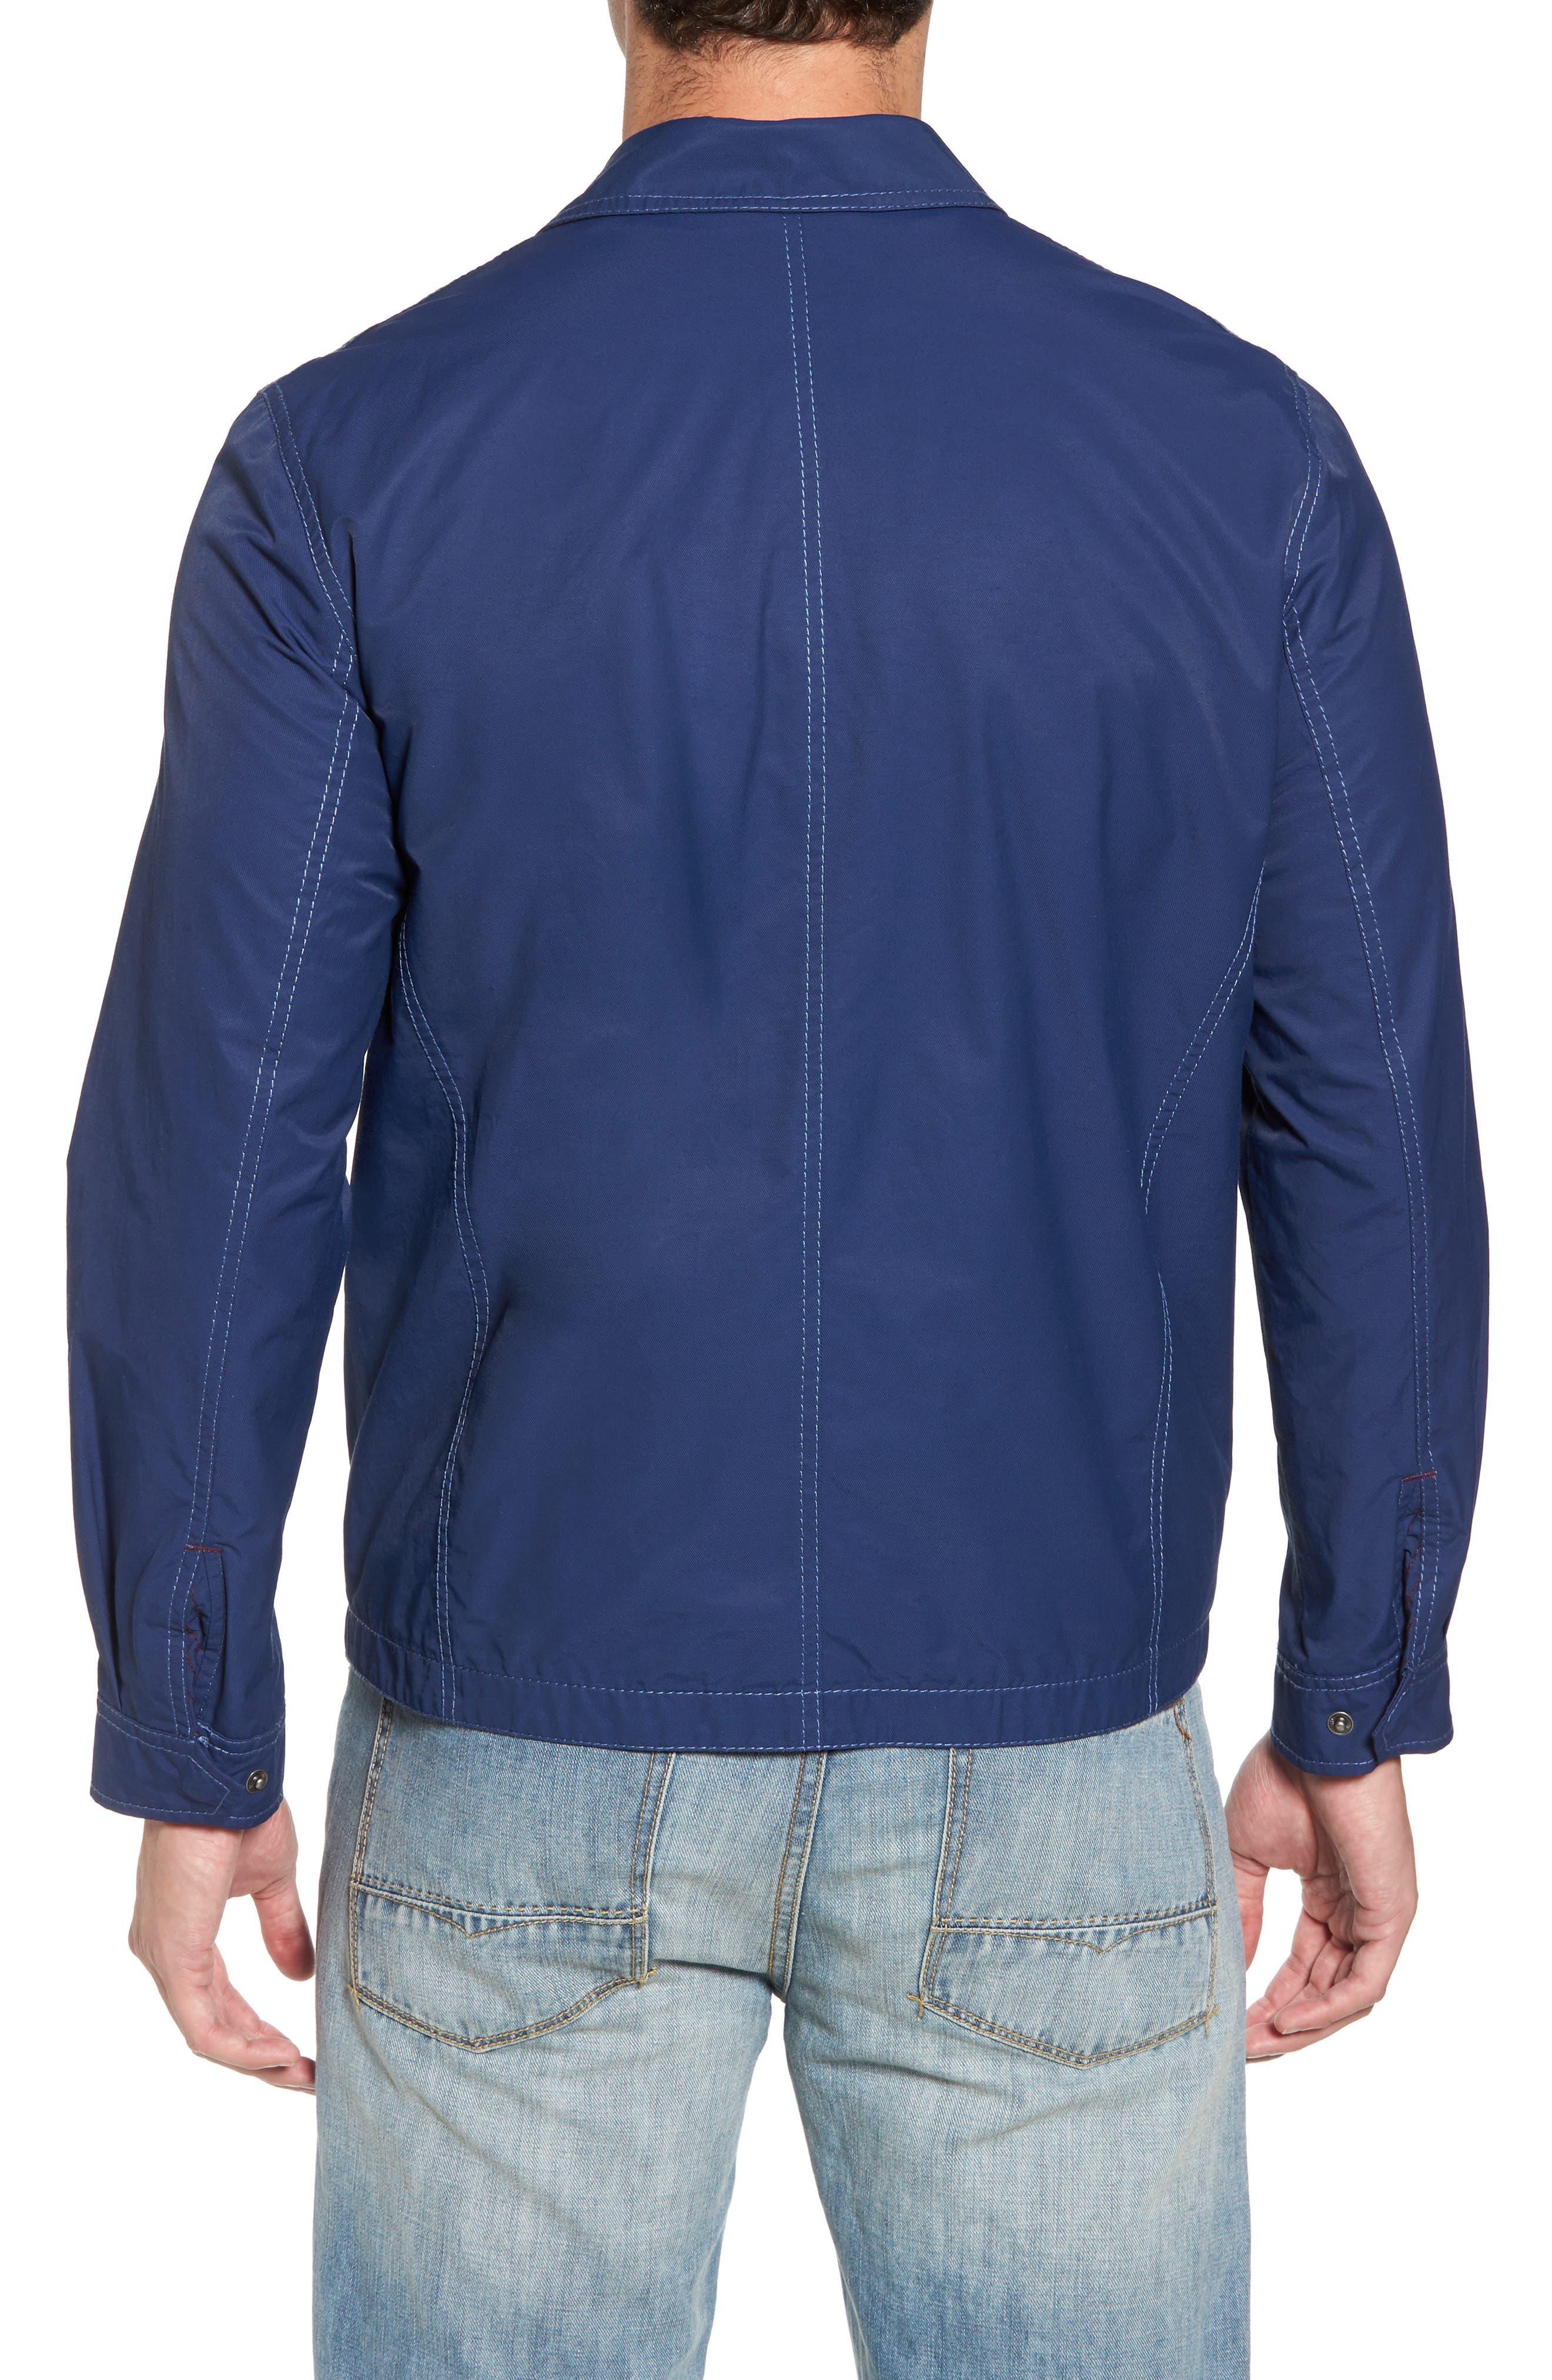 Alternate Image 2  - Tommy Bahama Santa Cruiser Jacket